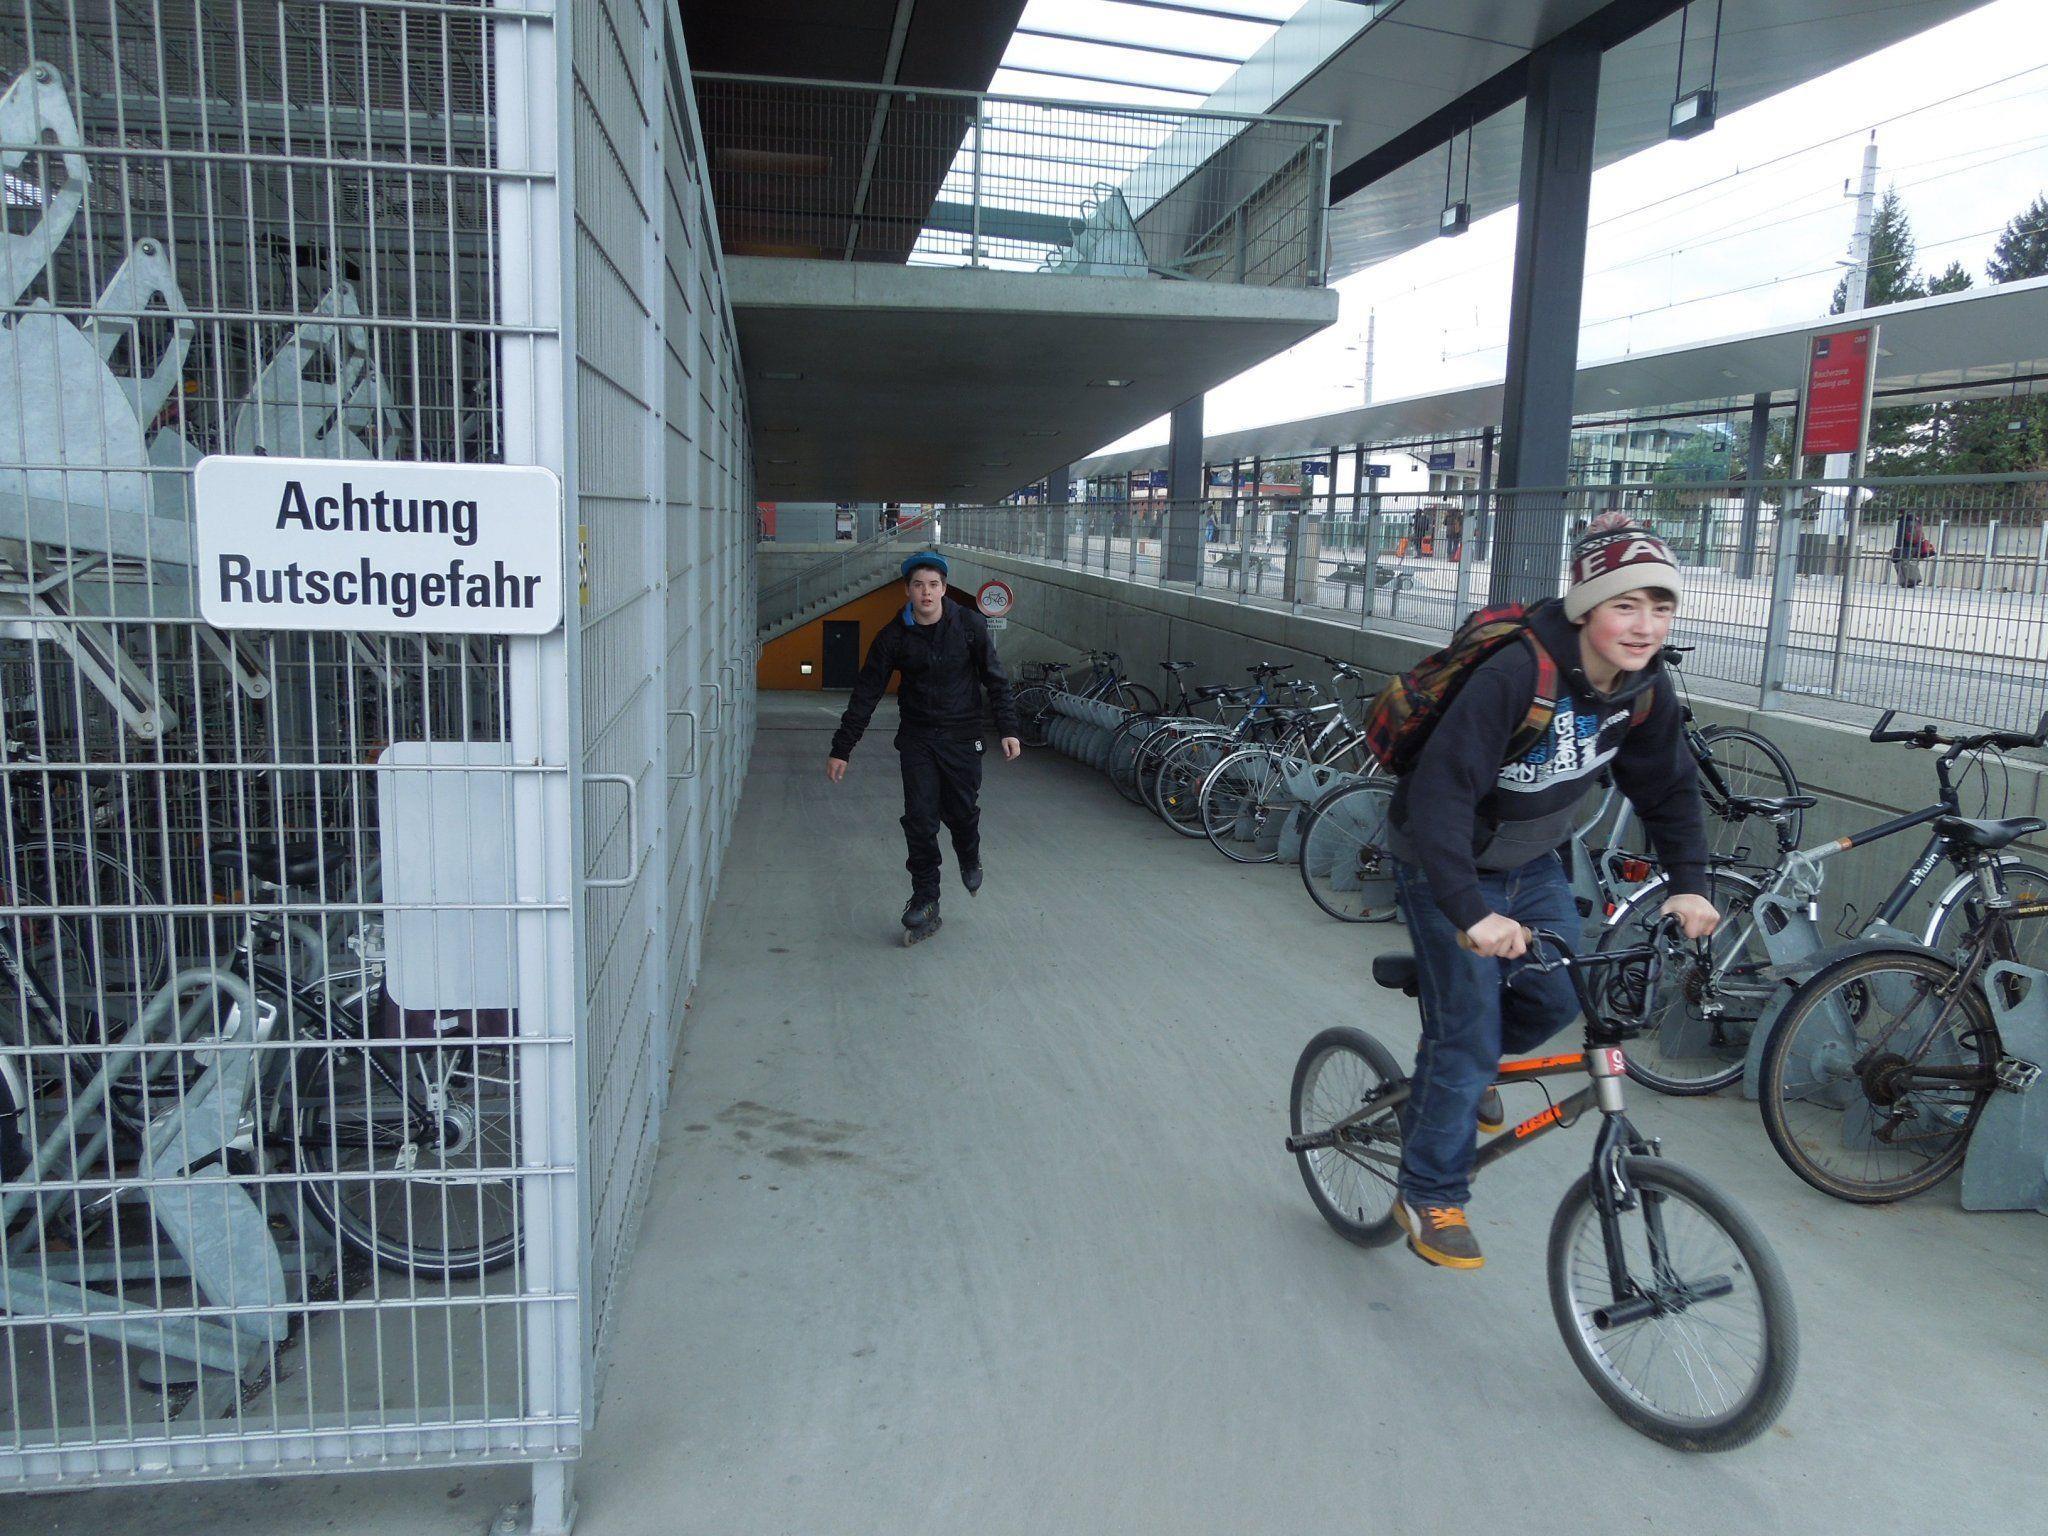 Im BF fordern mehrere Teilnehmer, dass der Fahrbahnbelag bei der Fahrradunterführung am Dornbirner Bahnhof so rasch wie möglich saniert werden soll.